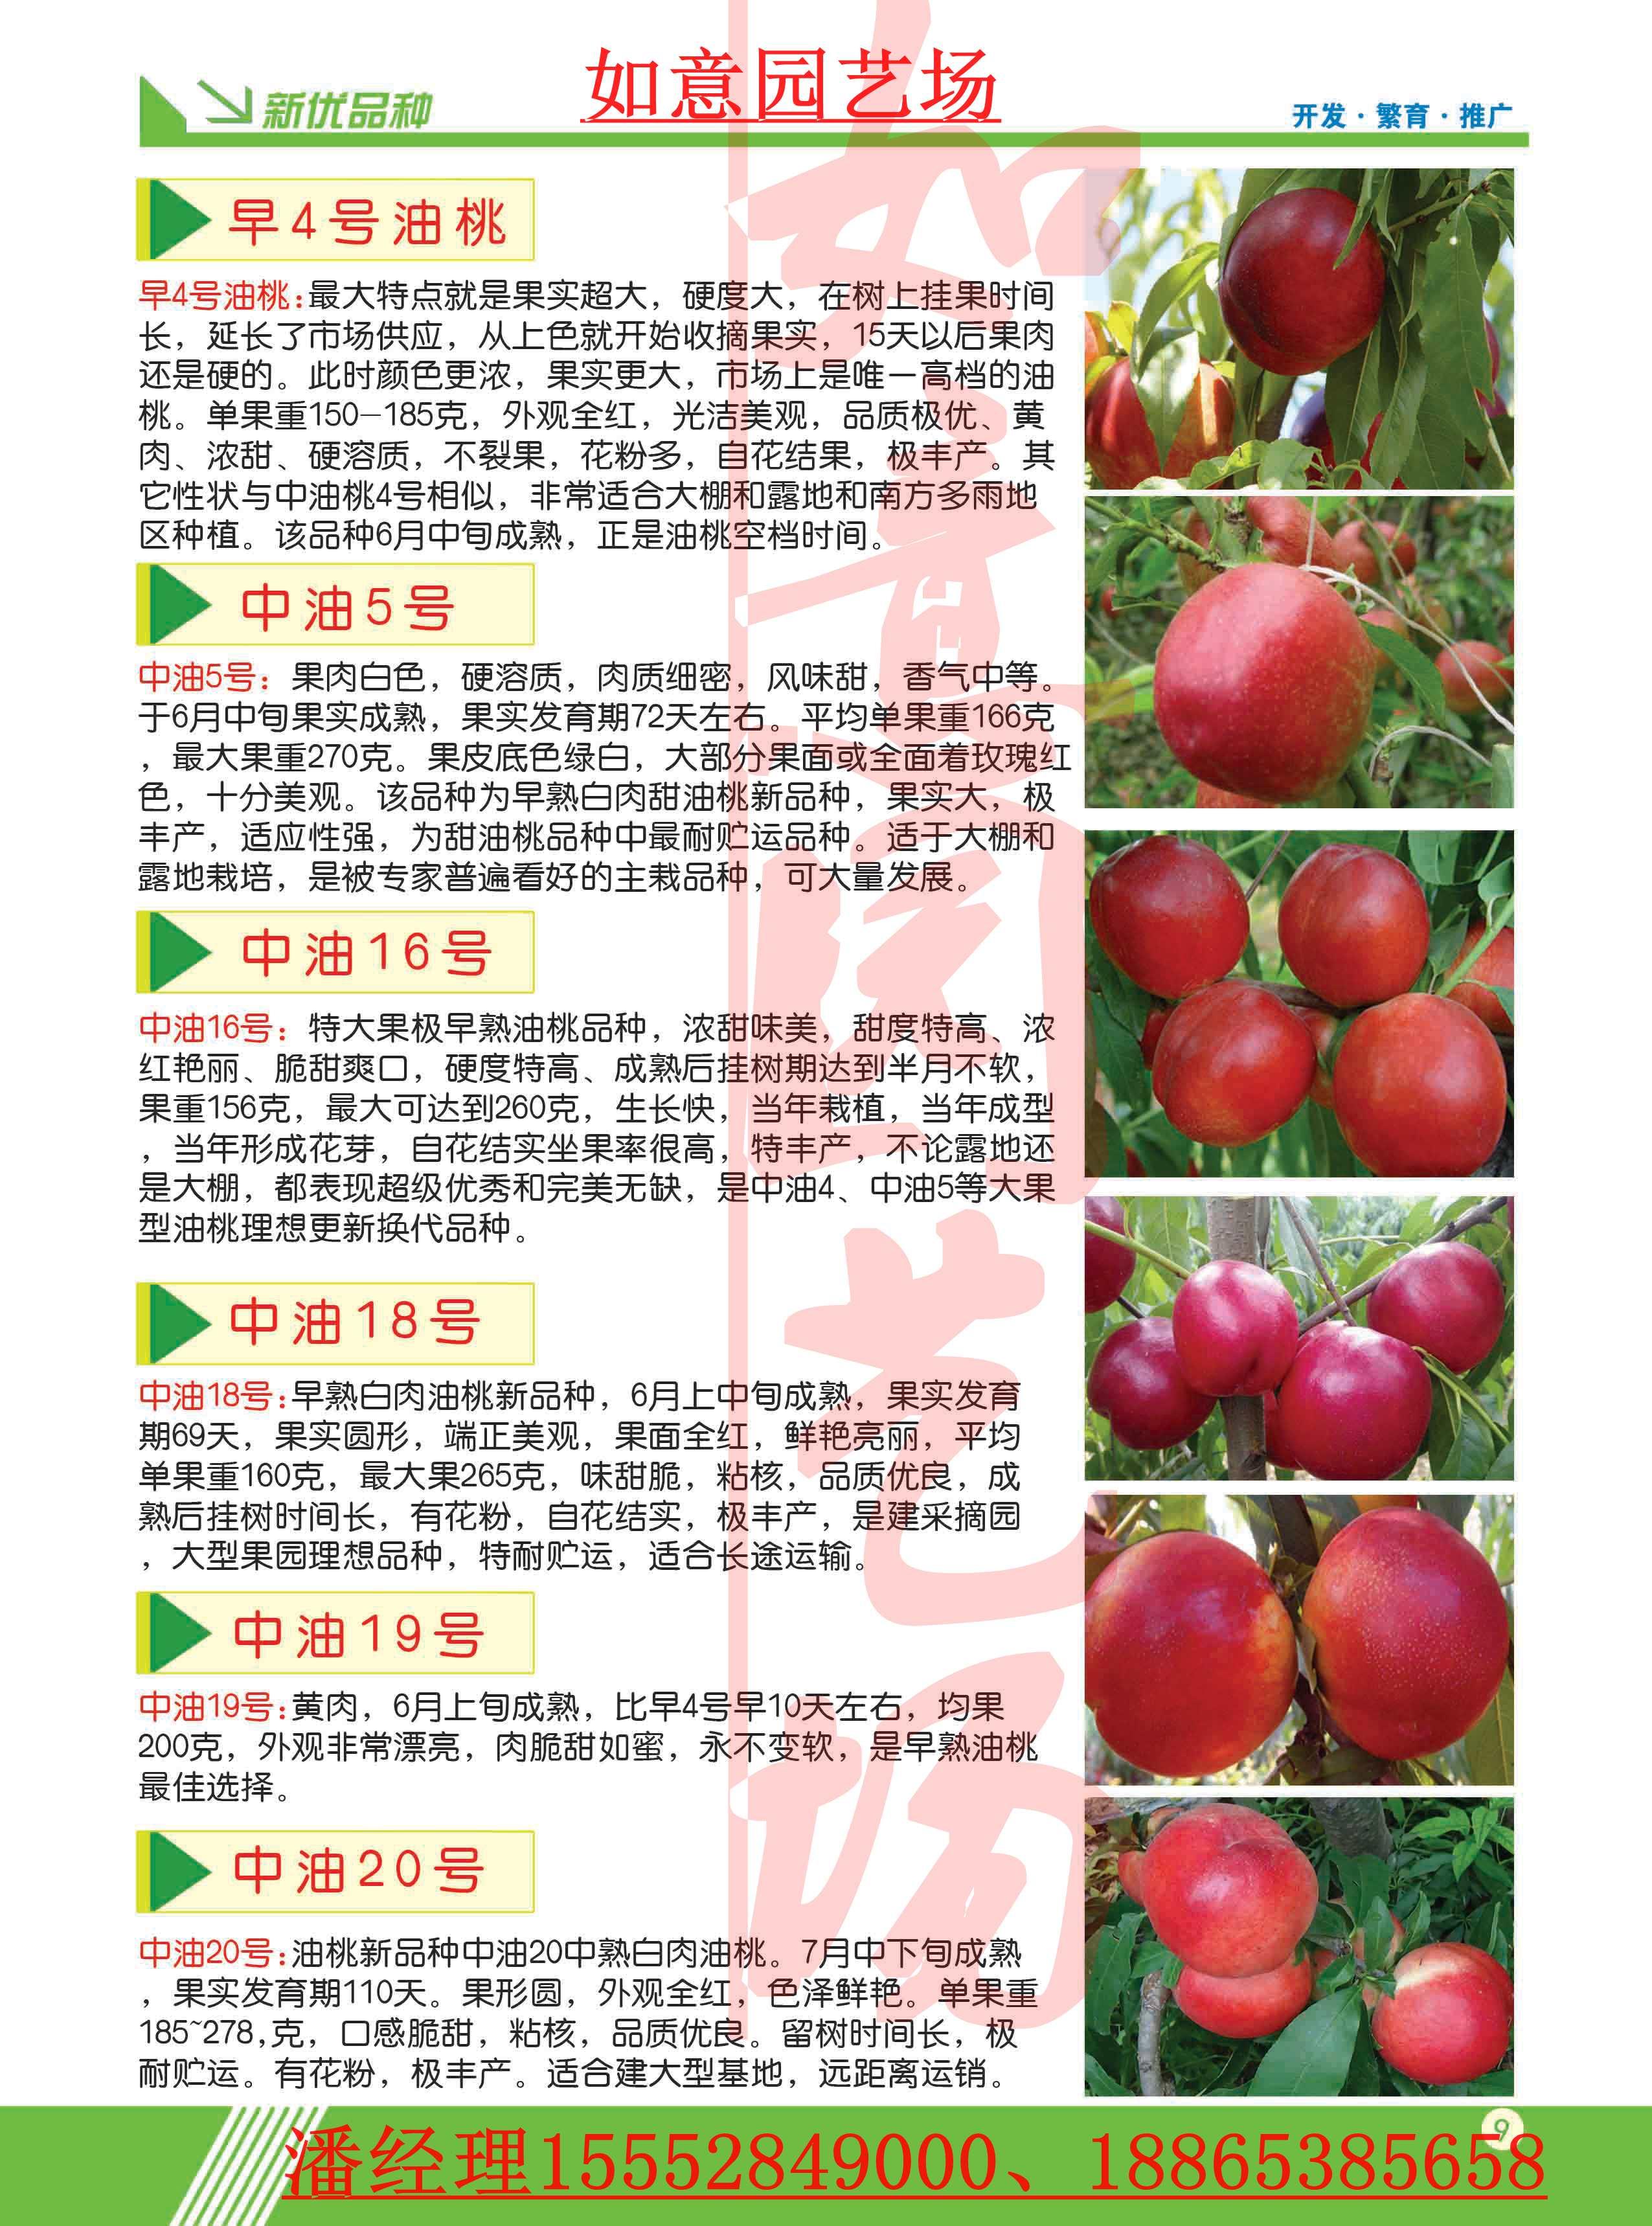 辽宁牛心甜柿苗多少钱一斤